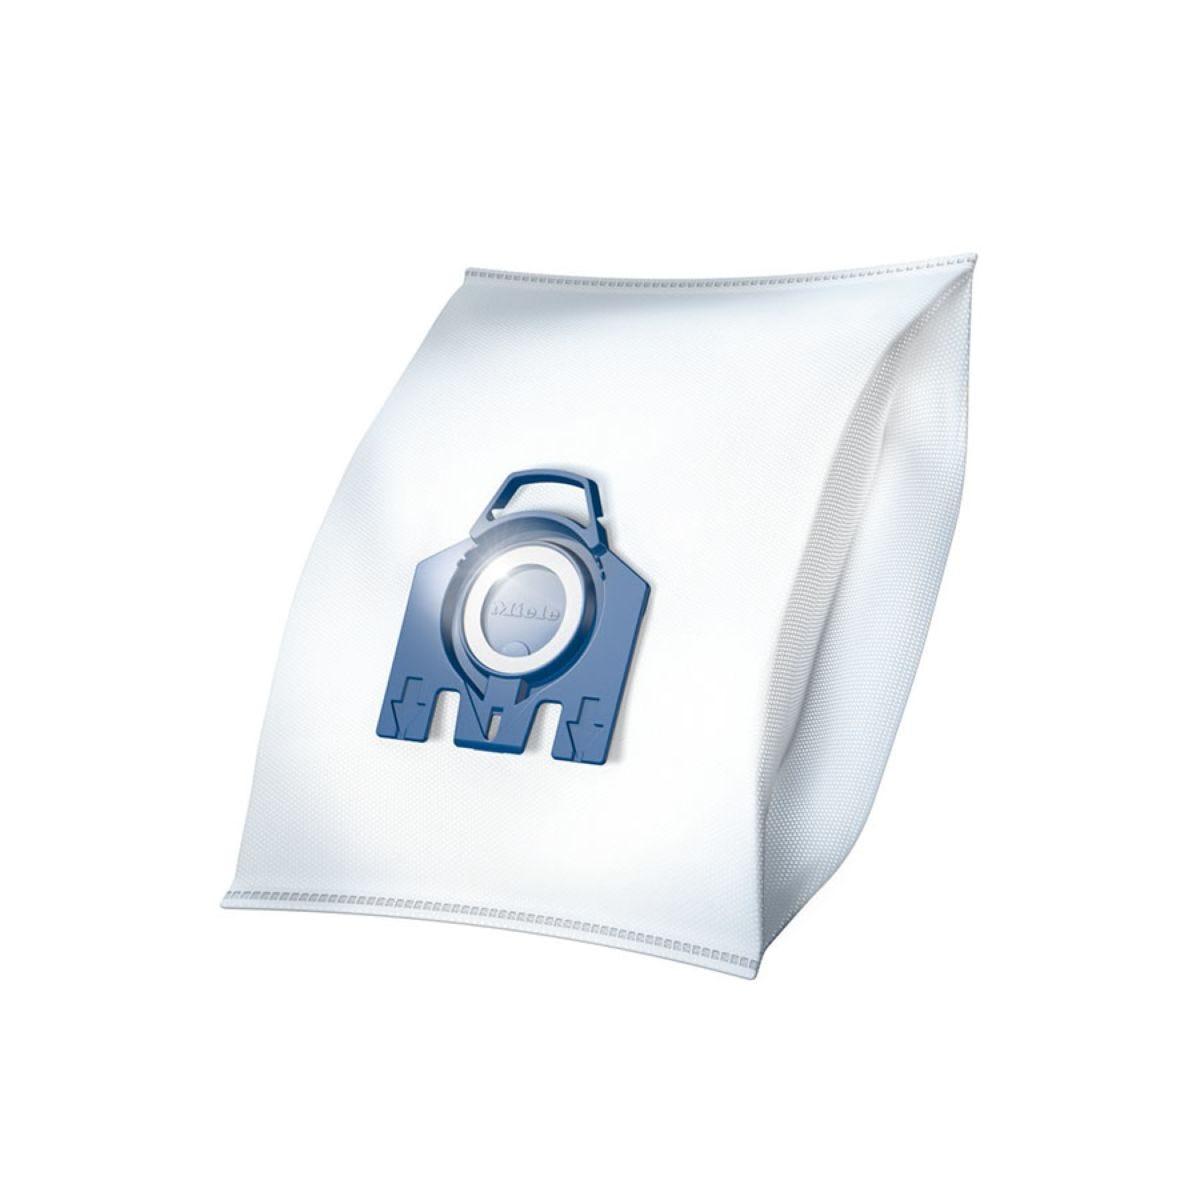 Miele Hyclean GN 3D Efficiency Vacuum Bags - Pack of 4